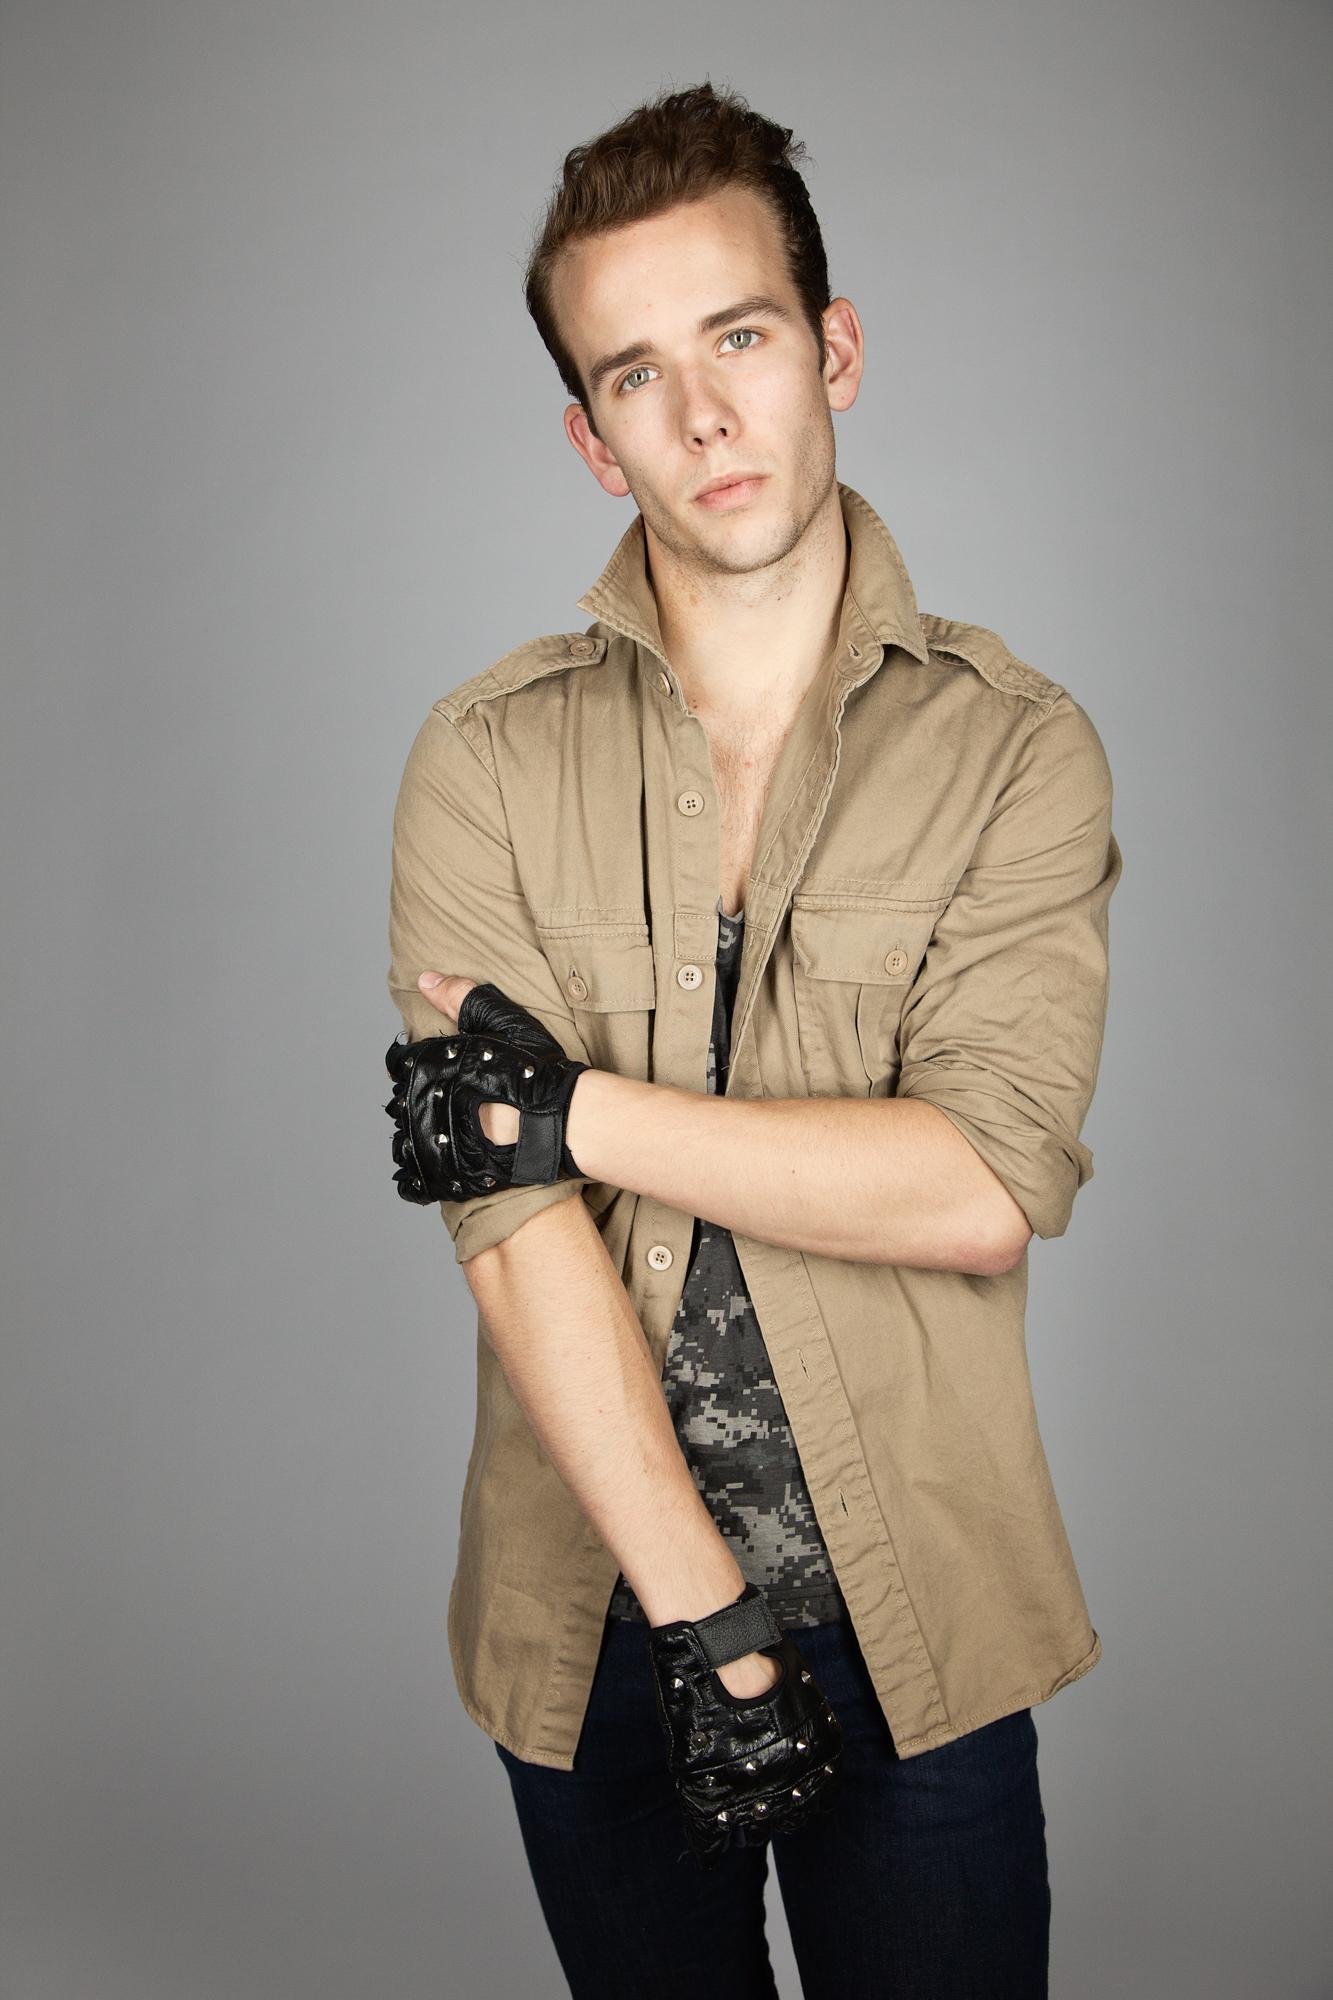 Eric, 2010